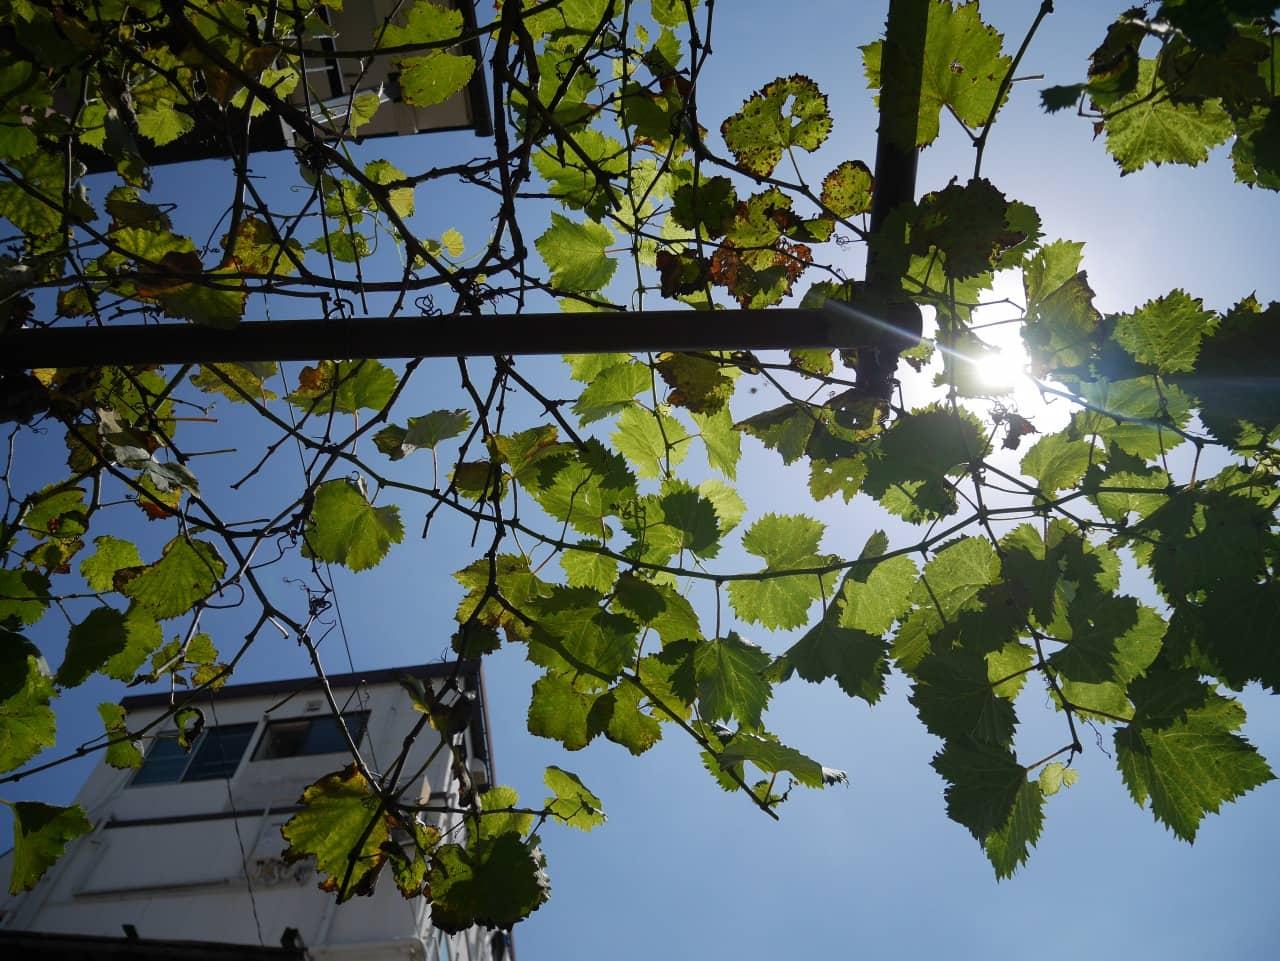 緑の天井。その先にちらりと見える太陽。夏はまだ終わっちゃいないぜ!